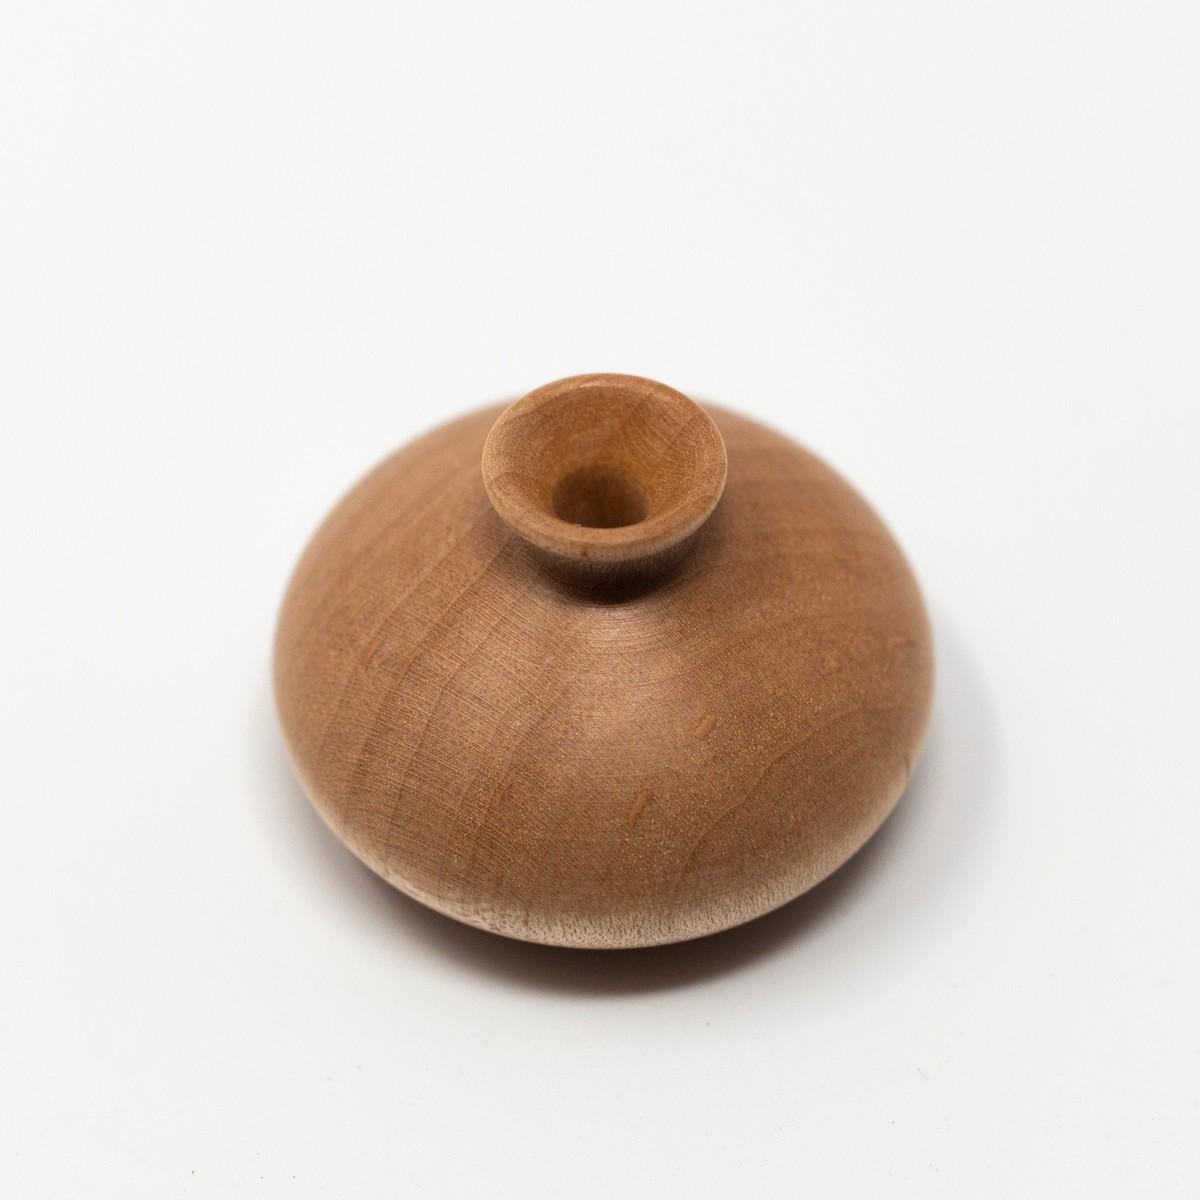 Photo of Miniature Wooden Vase: Tokkhuri